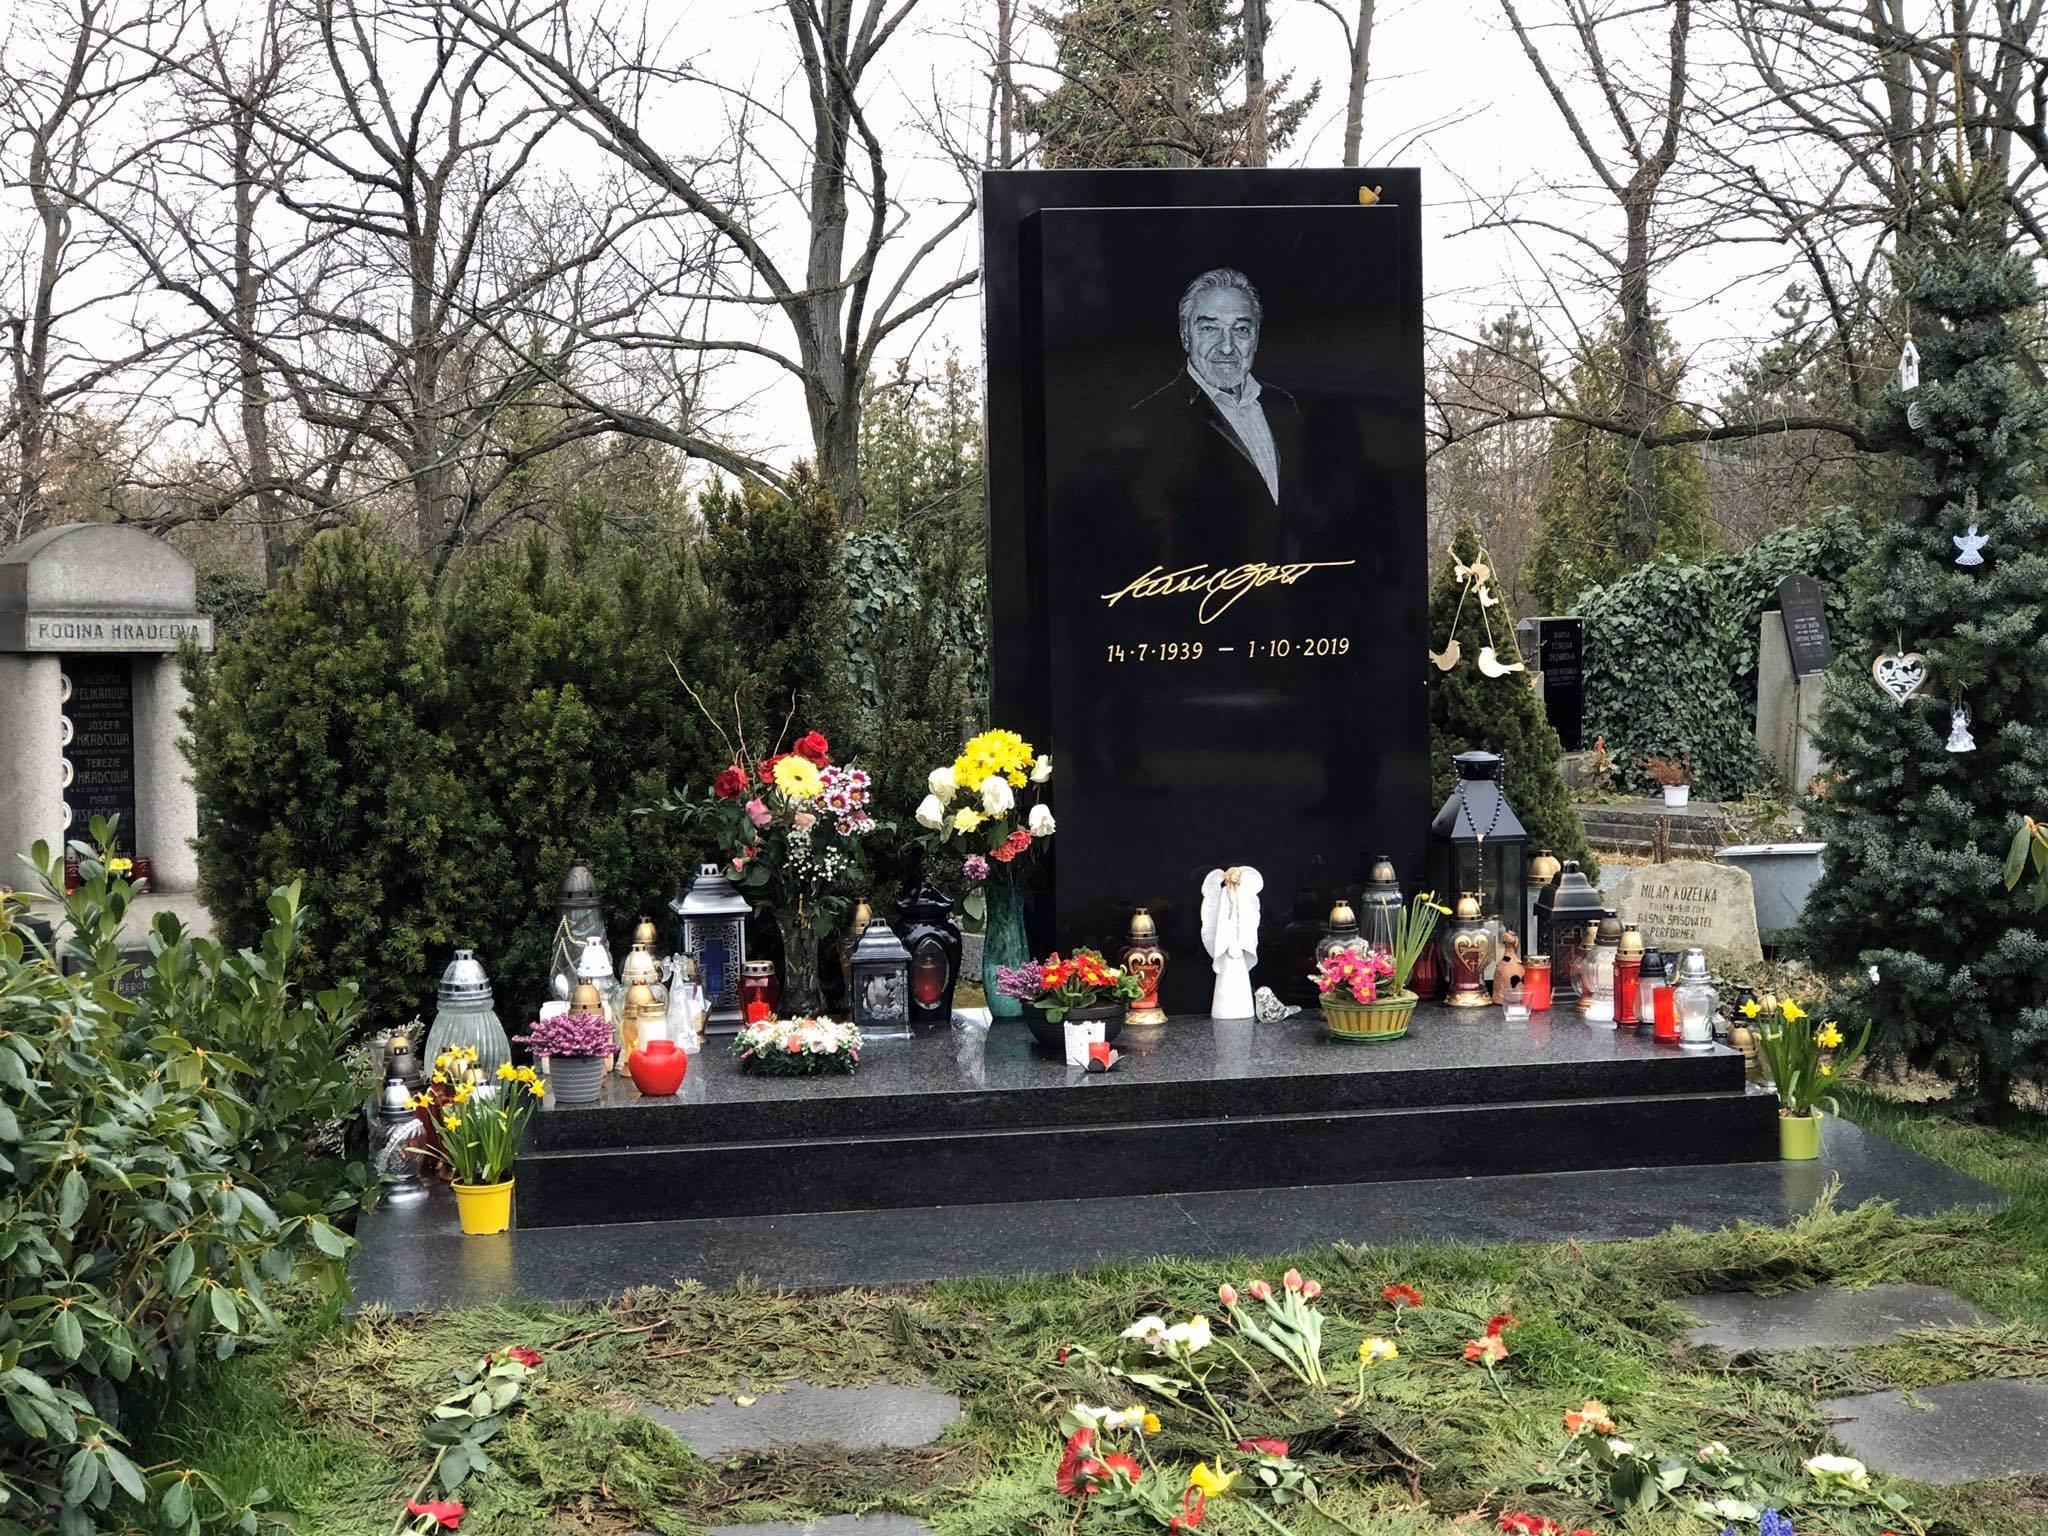 Hrob Mistra v obležení květin: Ivana Gottová děkuje fanouškům, přinesli jste Karlovi jaro